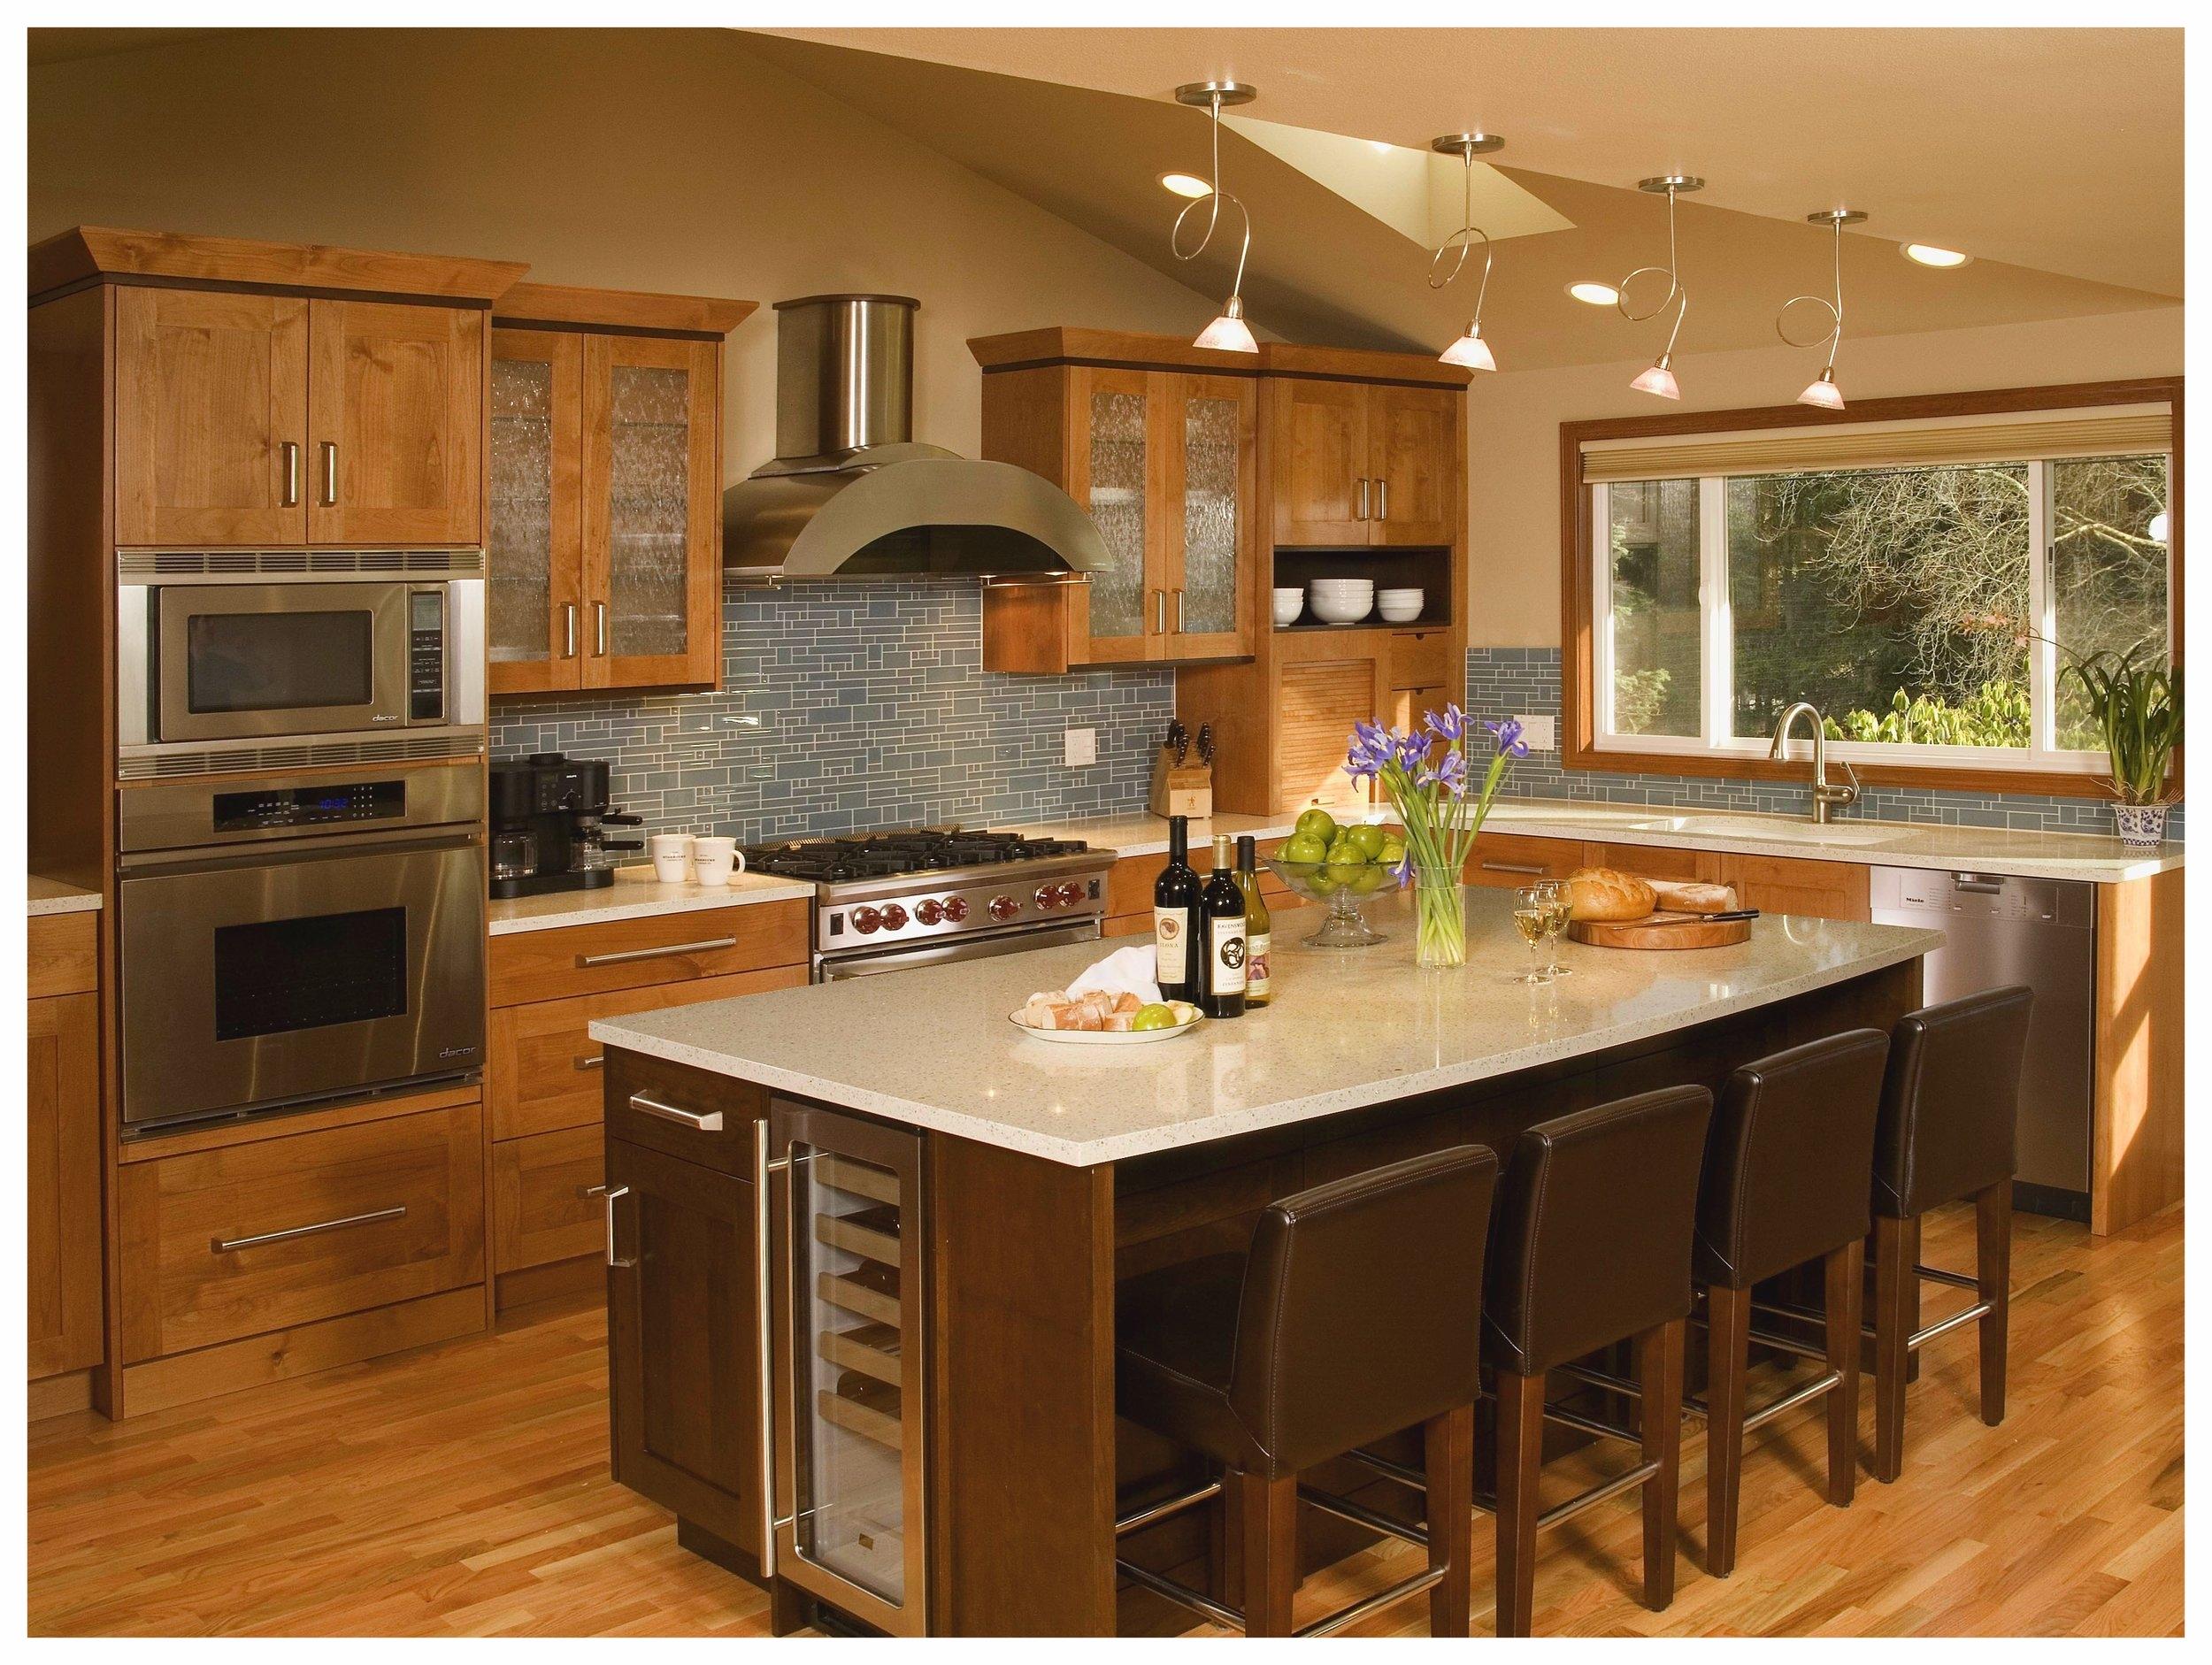 Bellevue Wilburton Park Transitional Kitchen 2.jpg